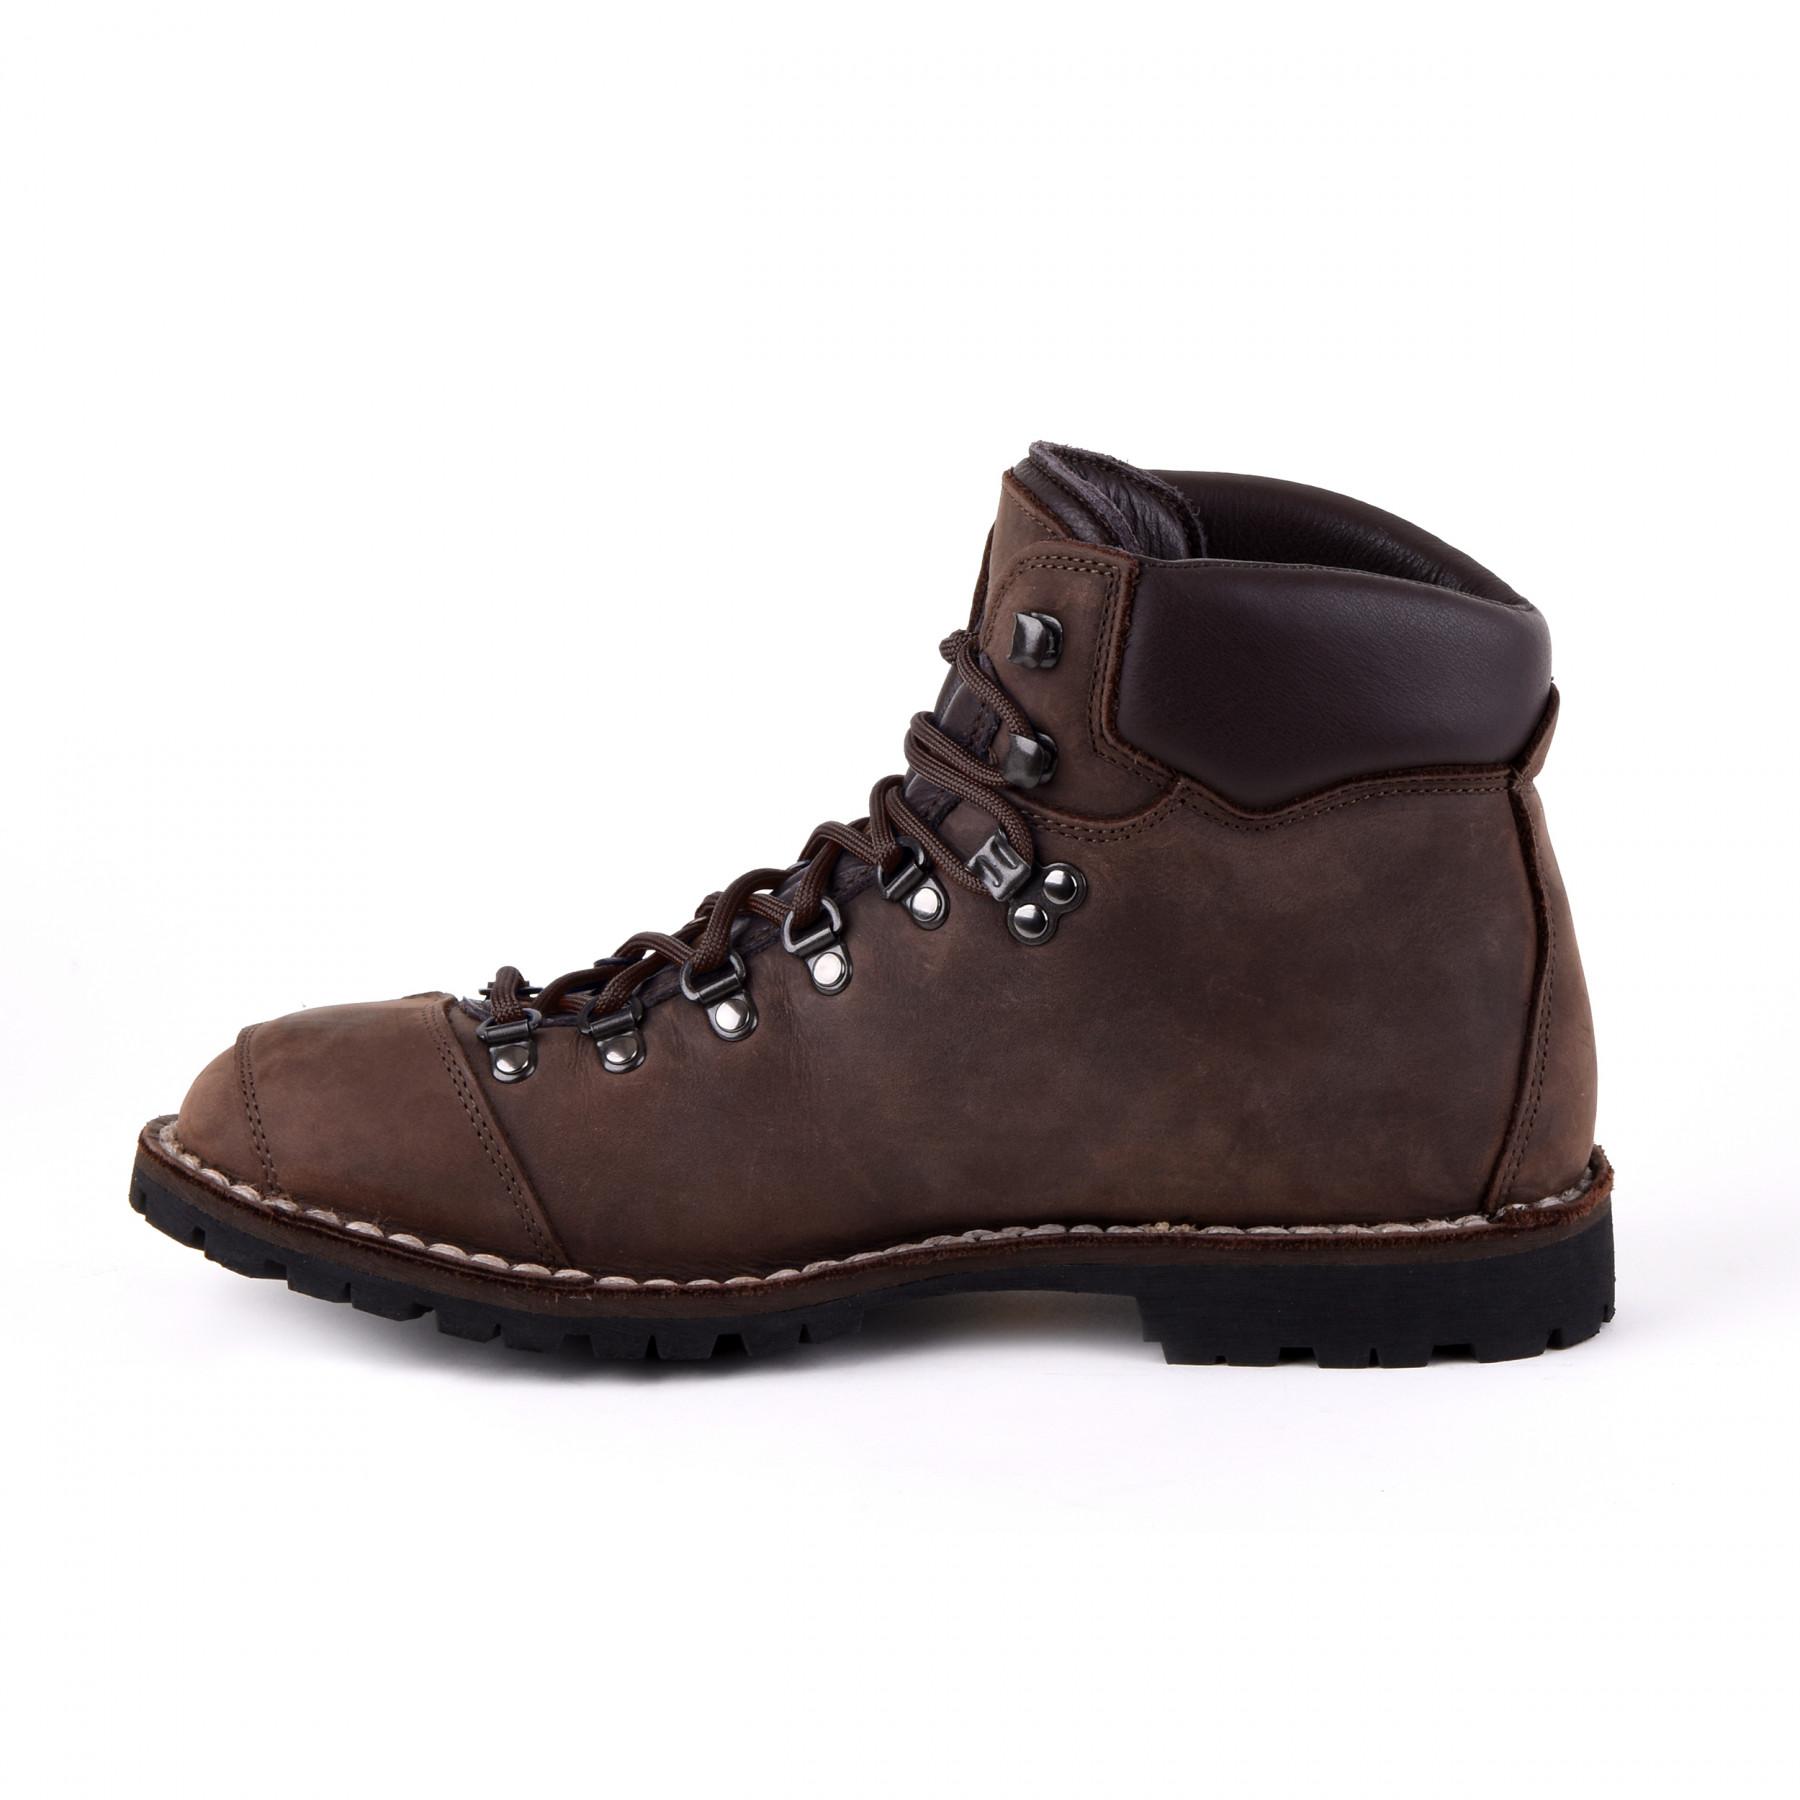 Biker Boot Adventure Denver Brown, dark brown gents boot, dark brown stitching